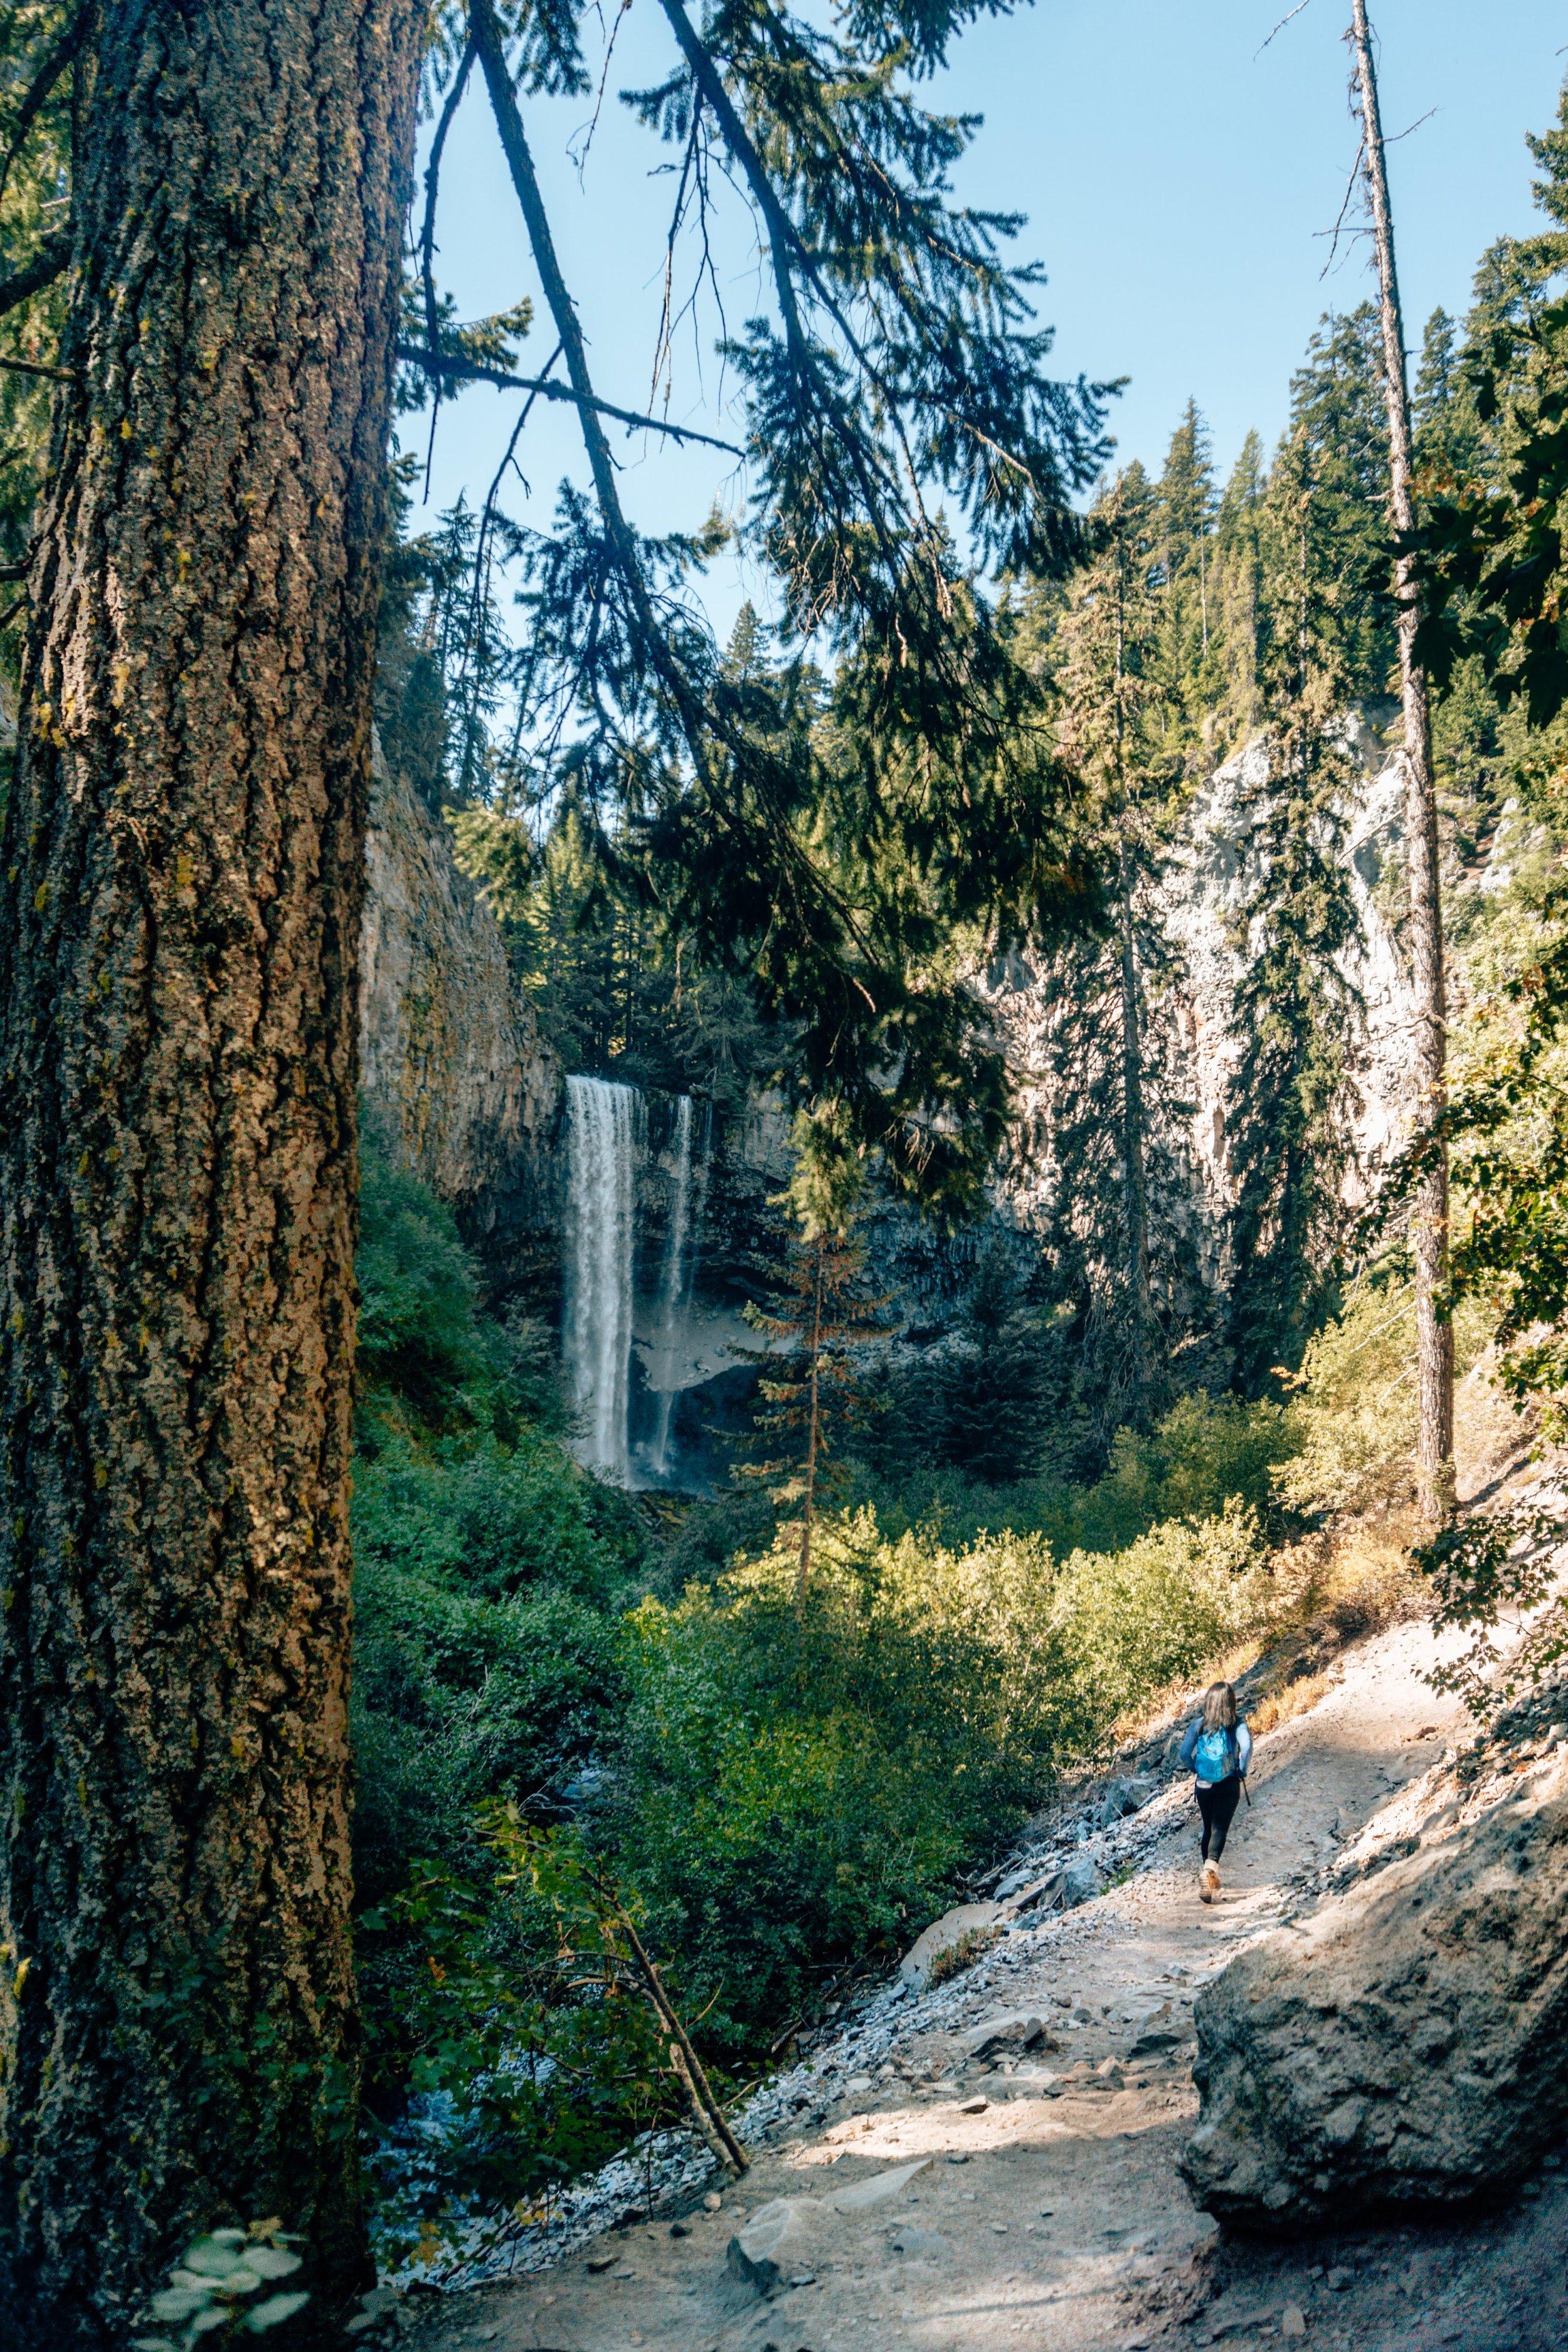 tamanawas-trail-falls.jpg